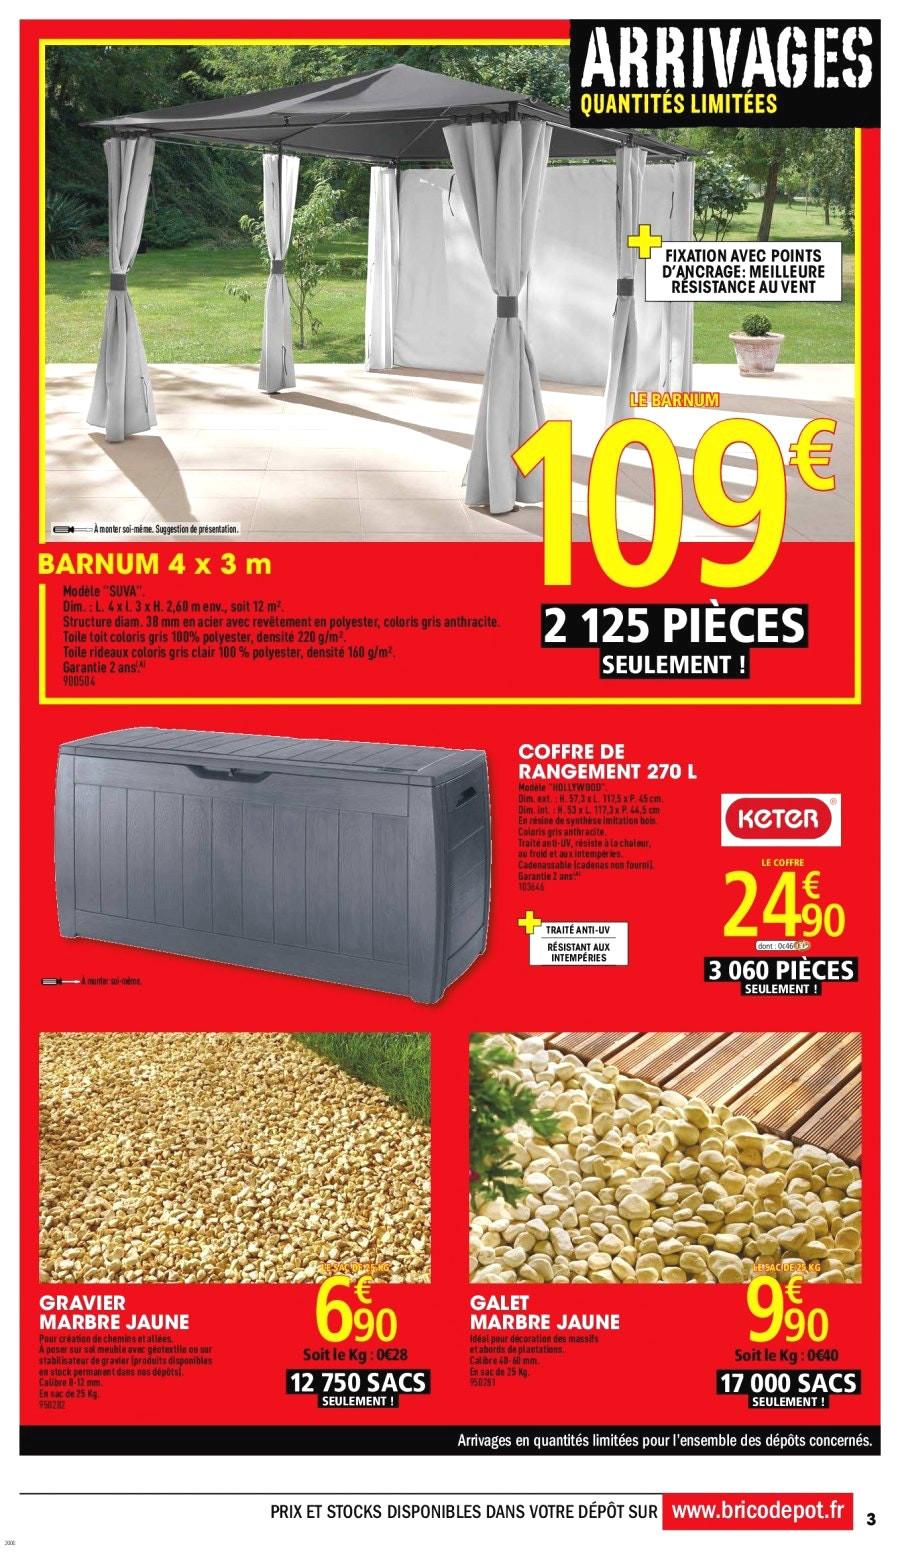 Meuble Wc Brico Dépot Beau Photographie 62 Idee Casier Vis Brico Depot Dimage